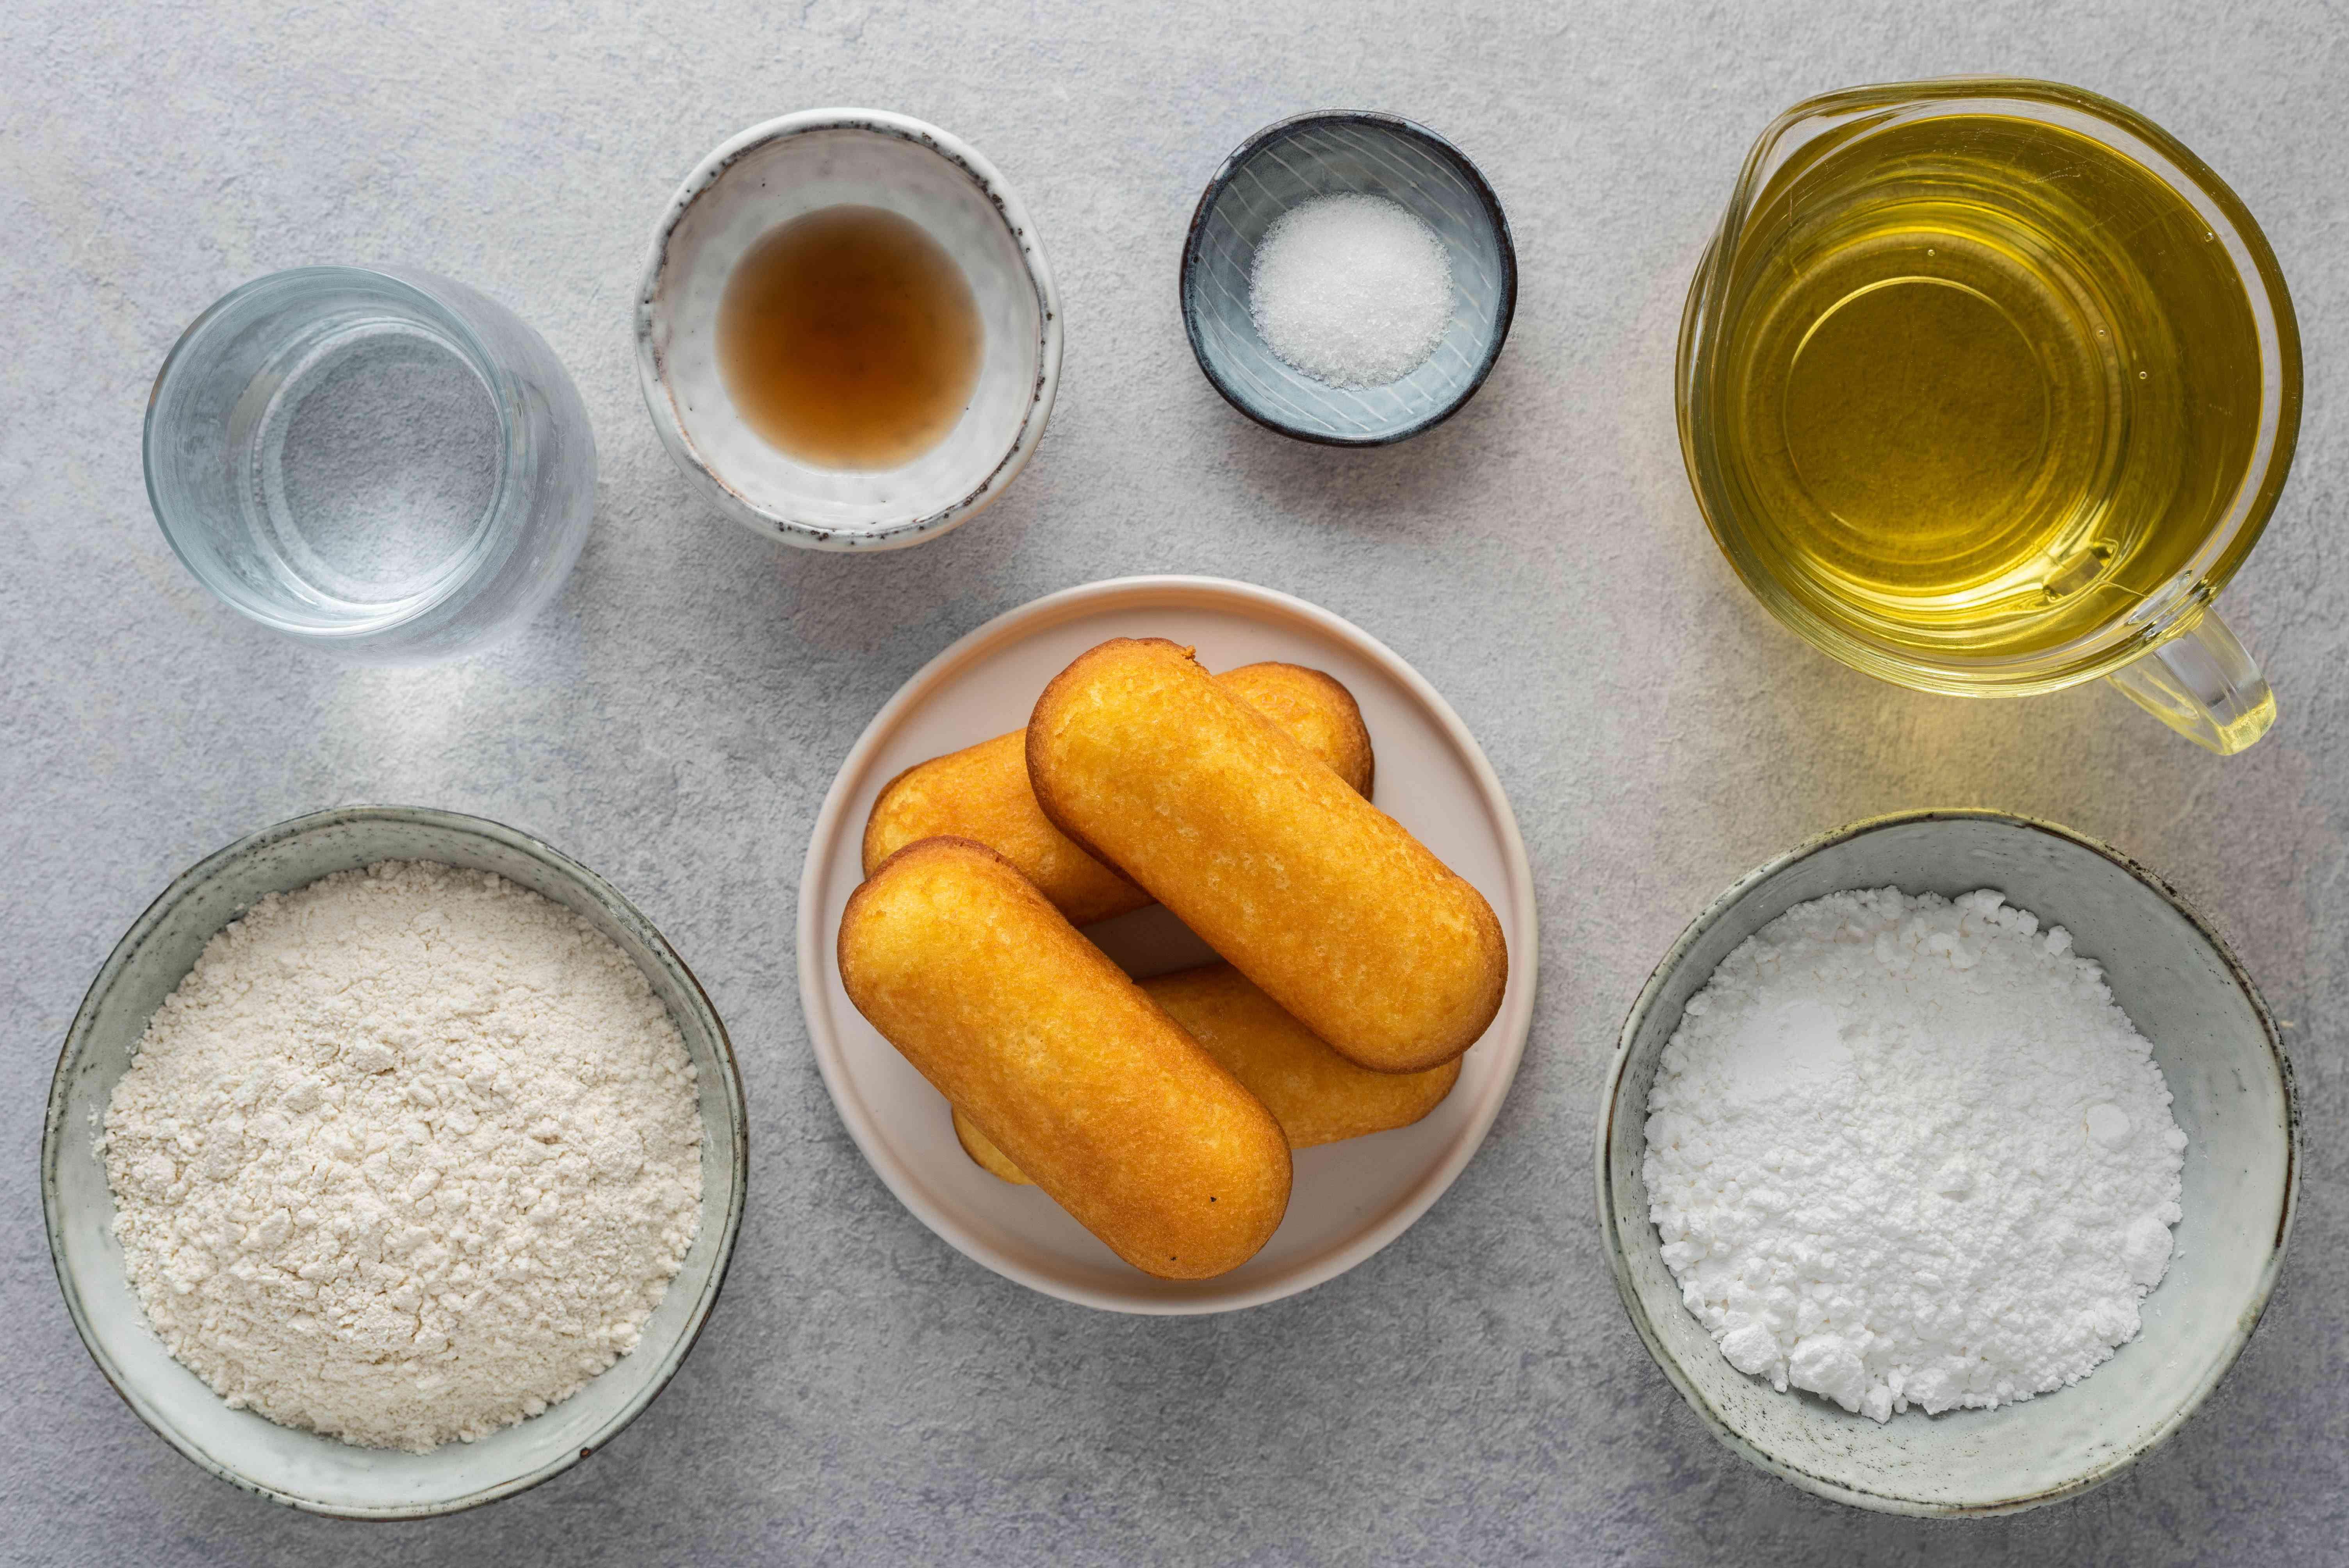 Deep Fried Twinkies ingredients